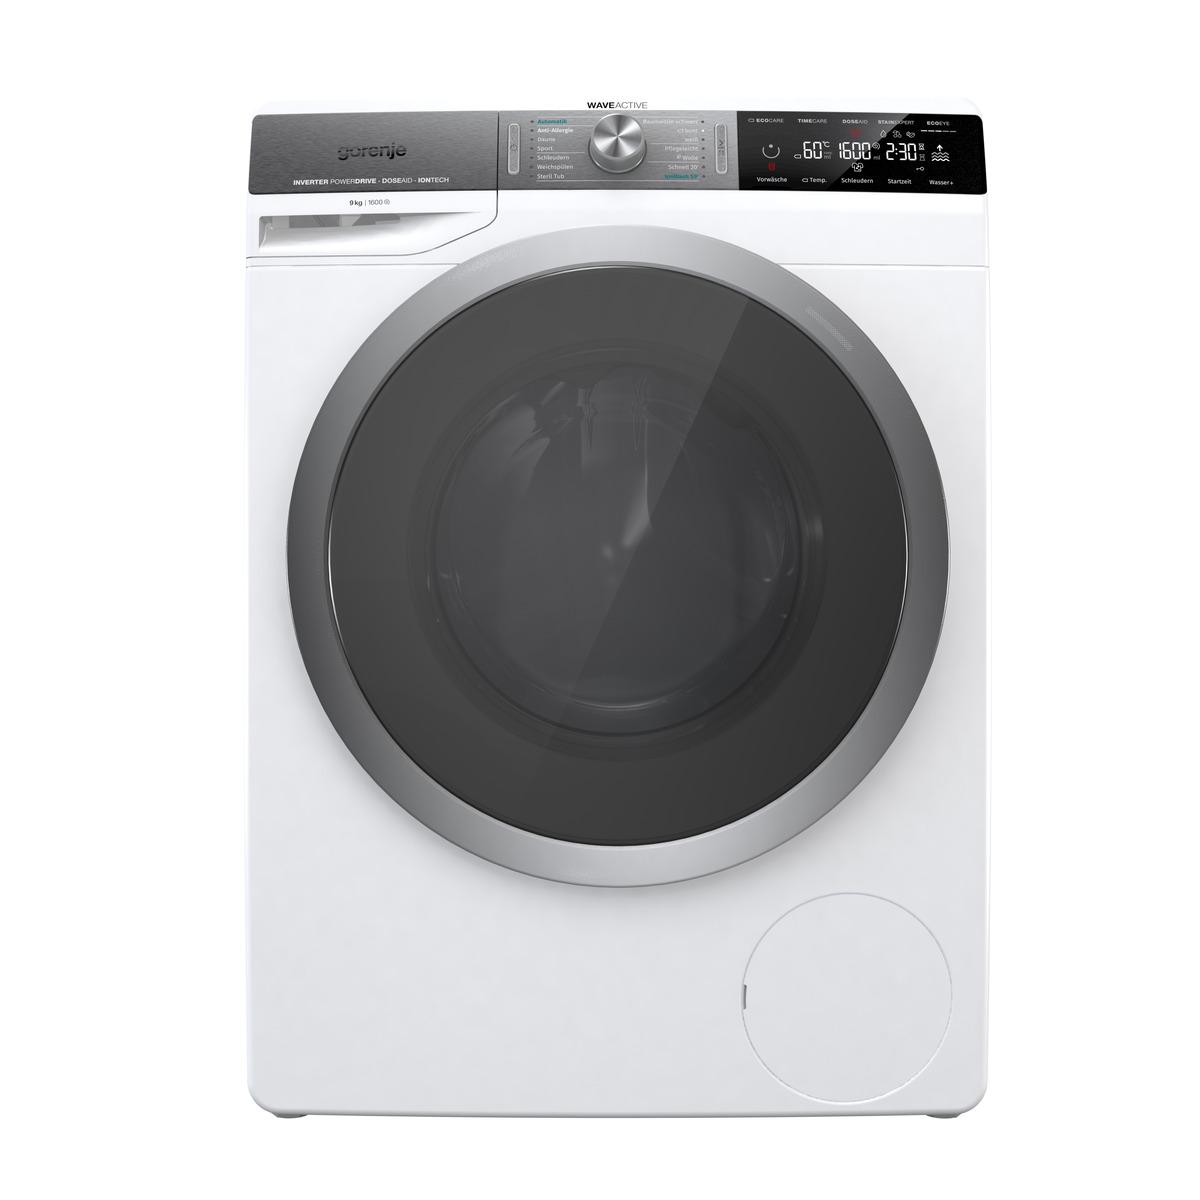 Bild 1 von GORENJE W2S967LNT Waschmaschine mit 1600 U/Min. in Weiß